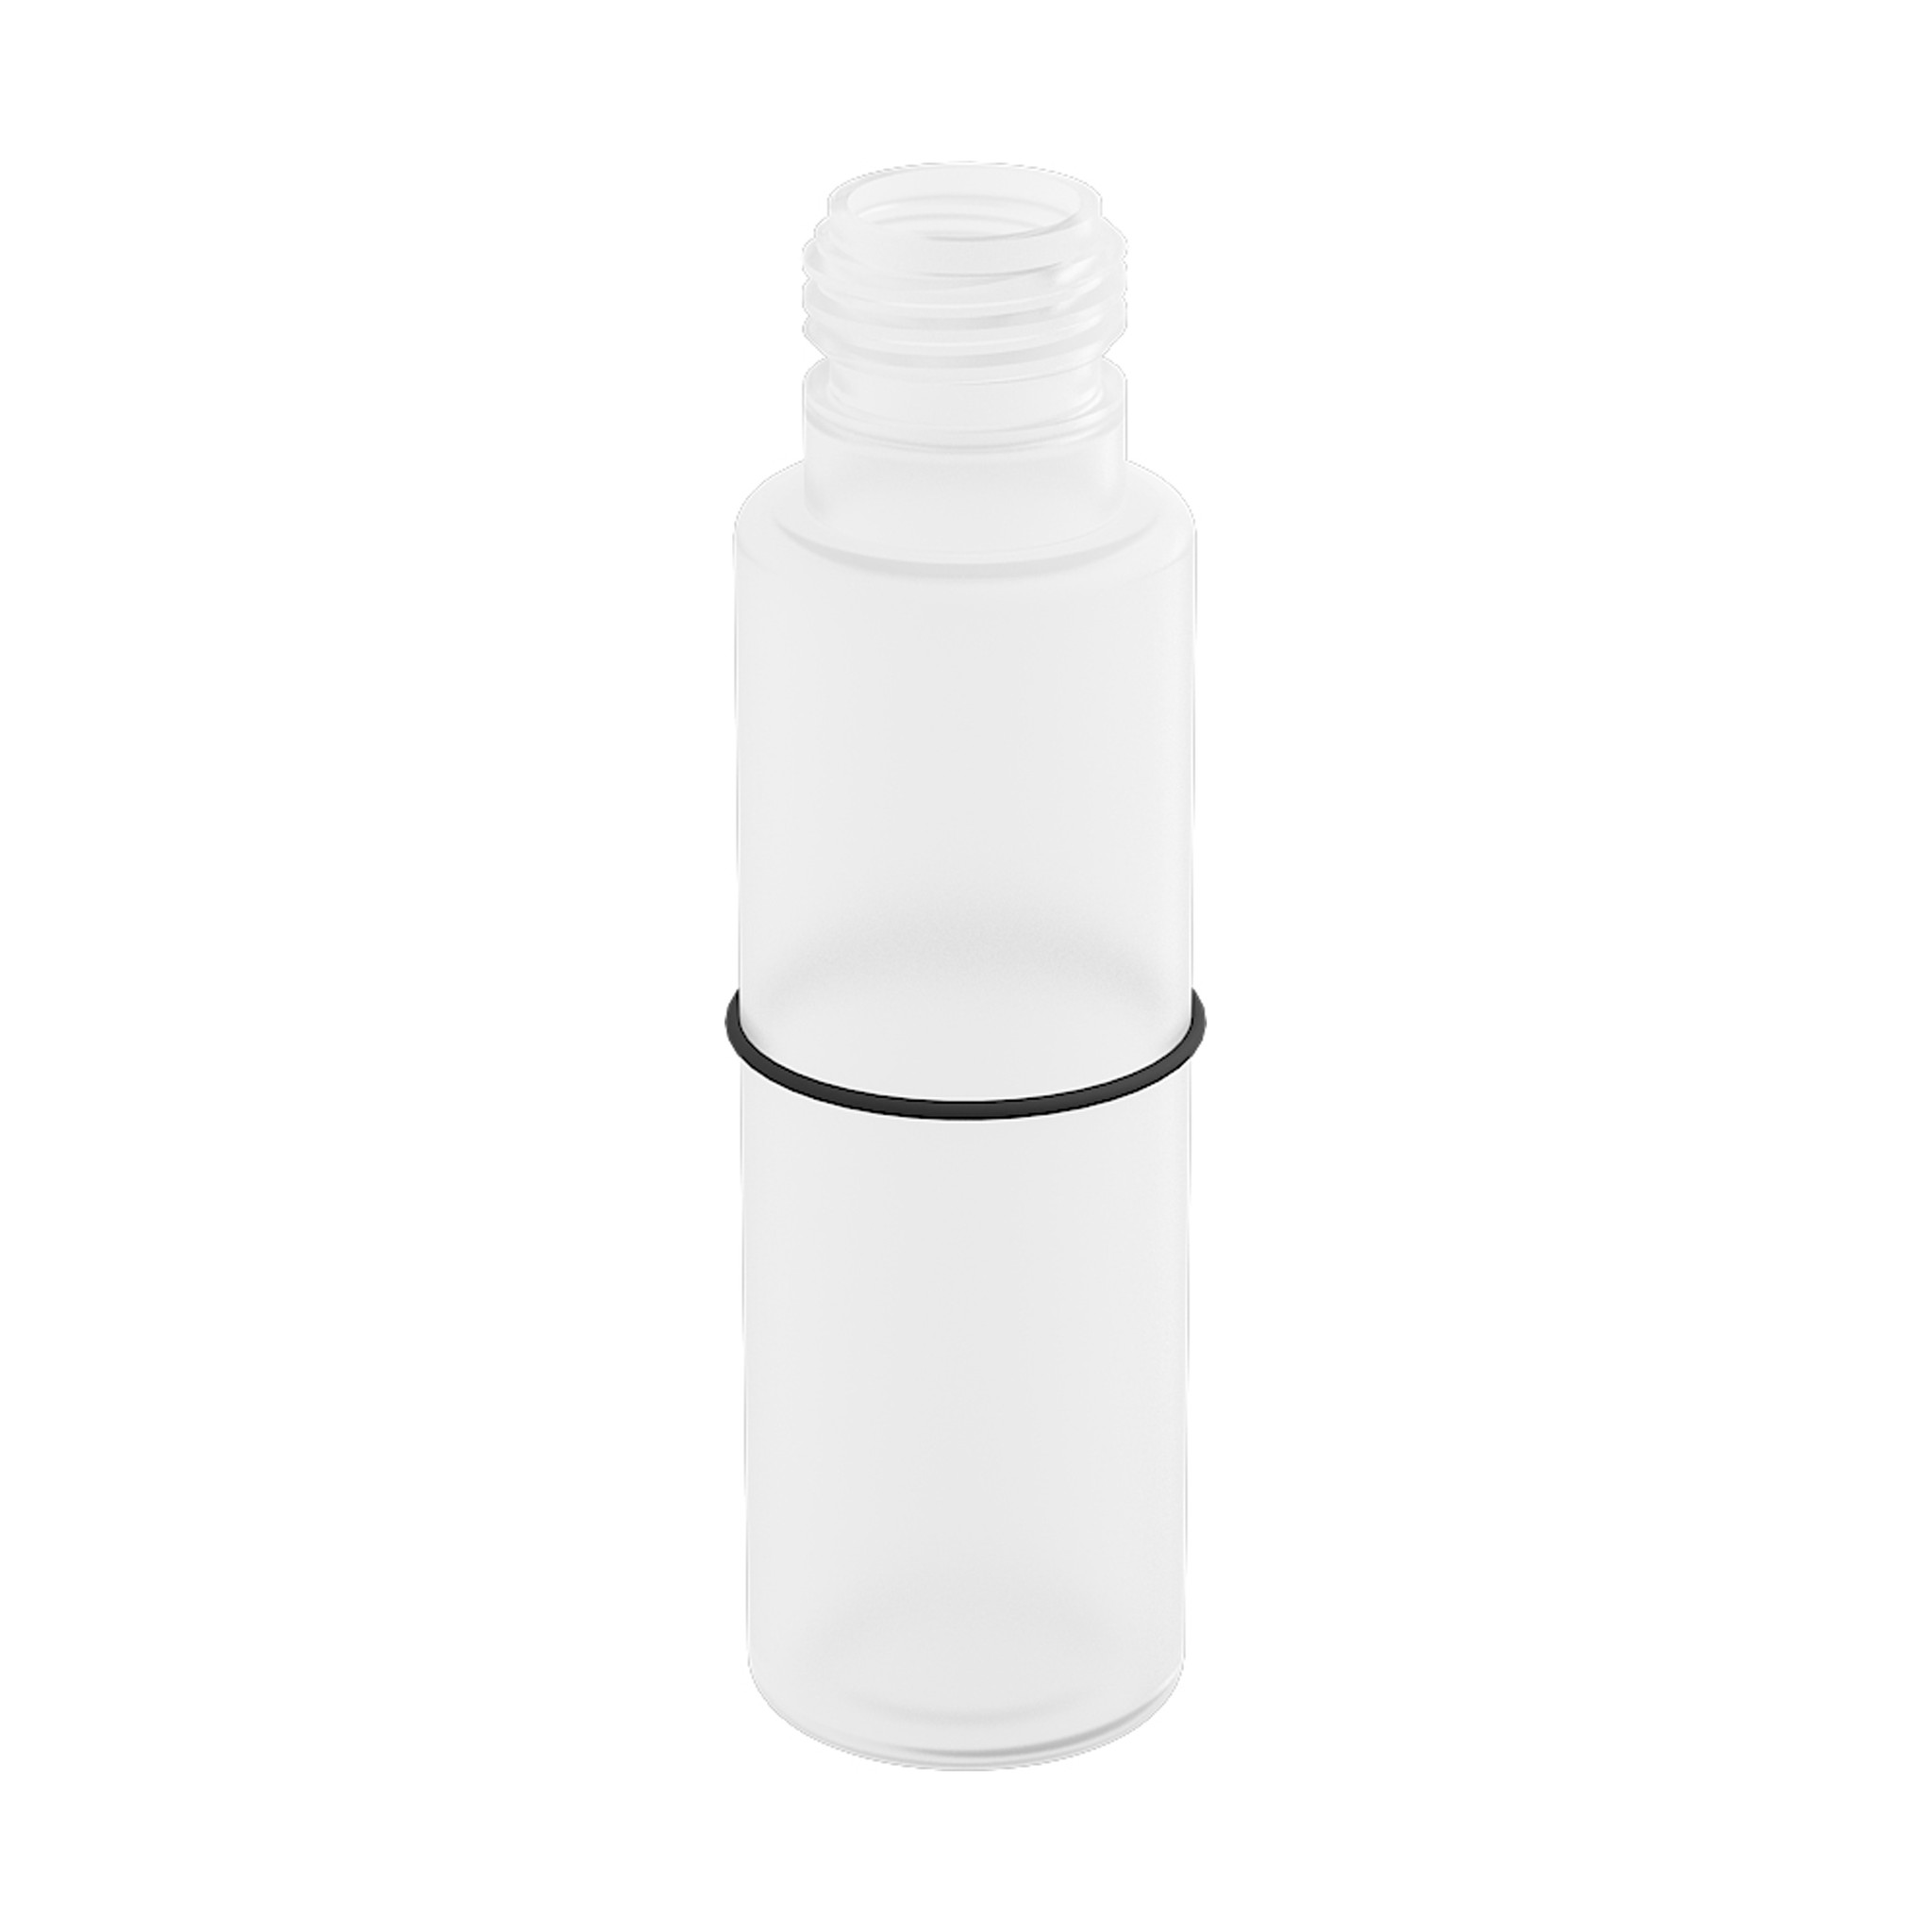 bouteille pour Quadria & Sjokker distributeurs de savon liquide 100cc & 200 cc